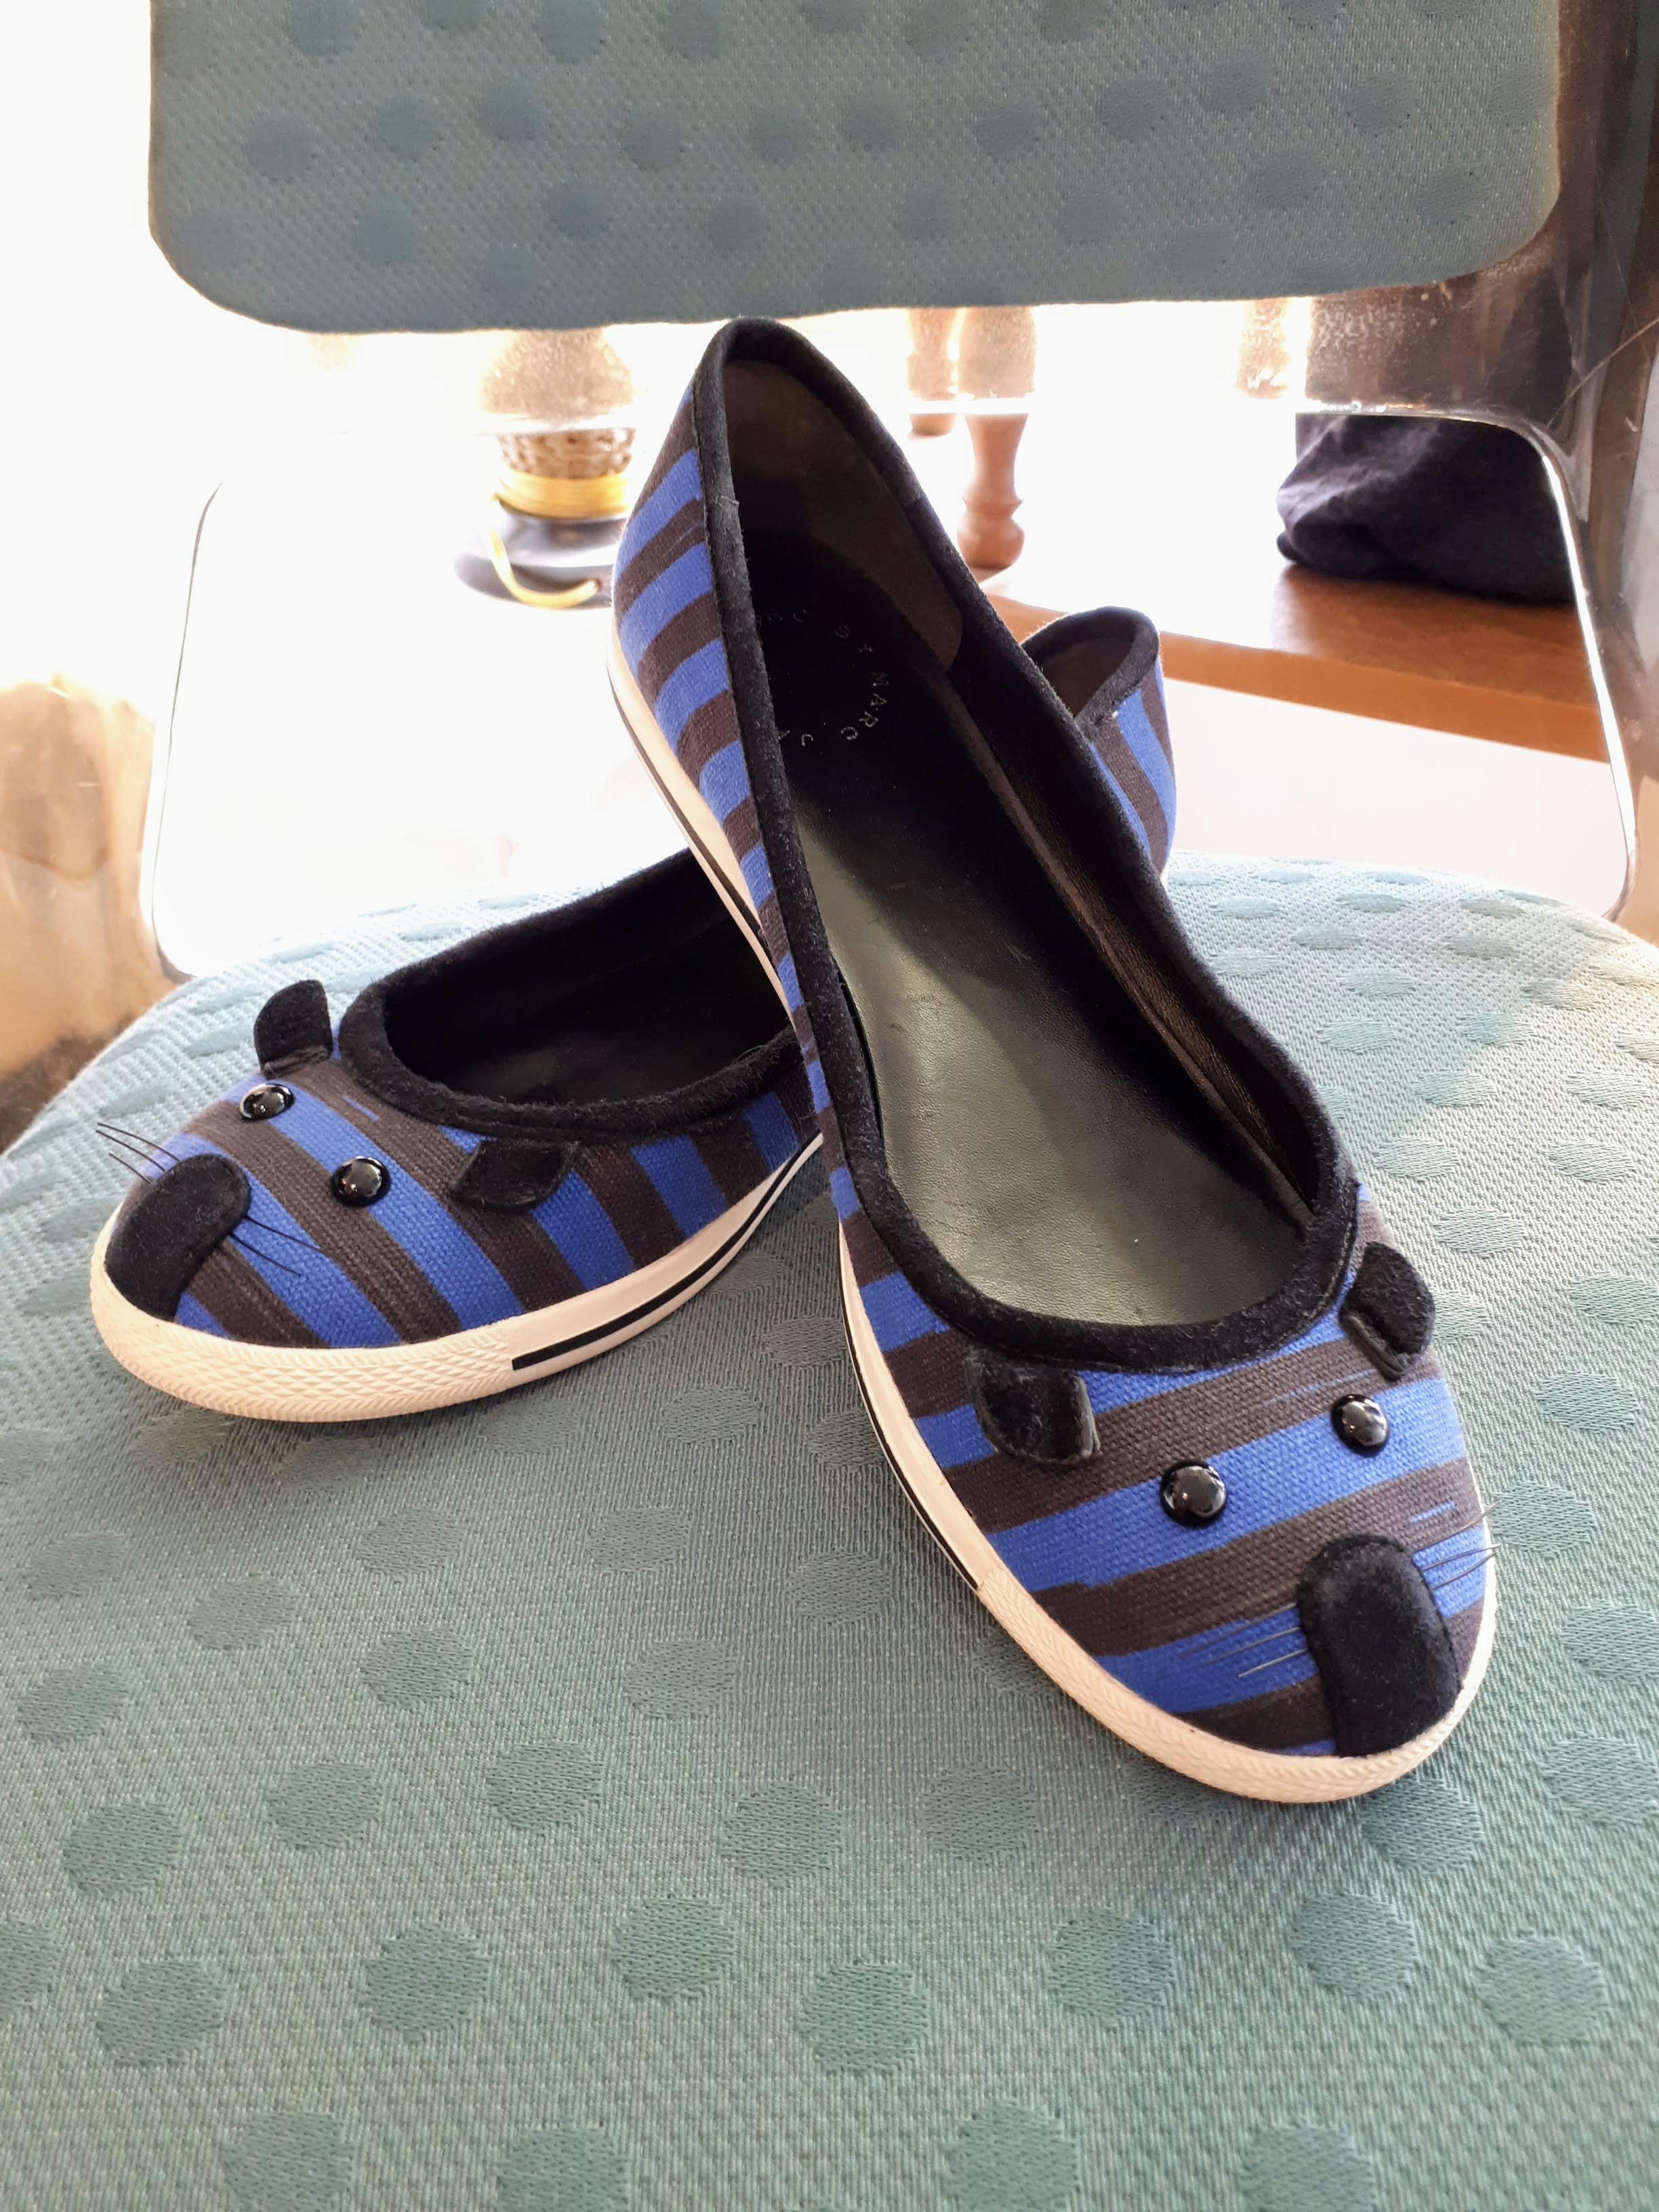 Marc Jacobs shoes; S8, $42